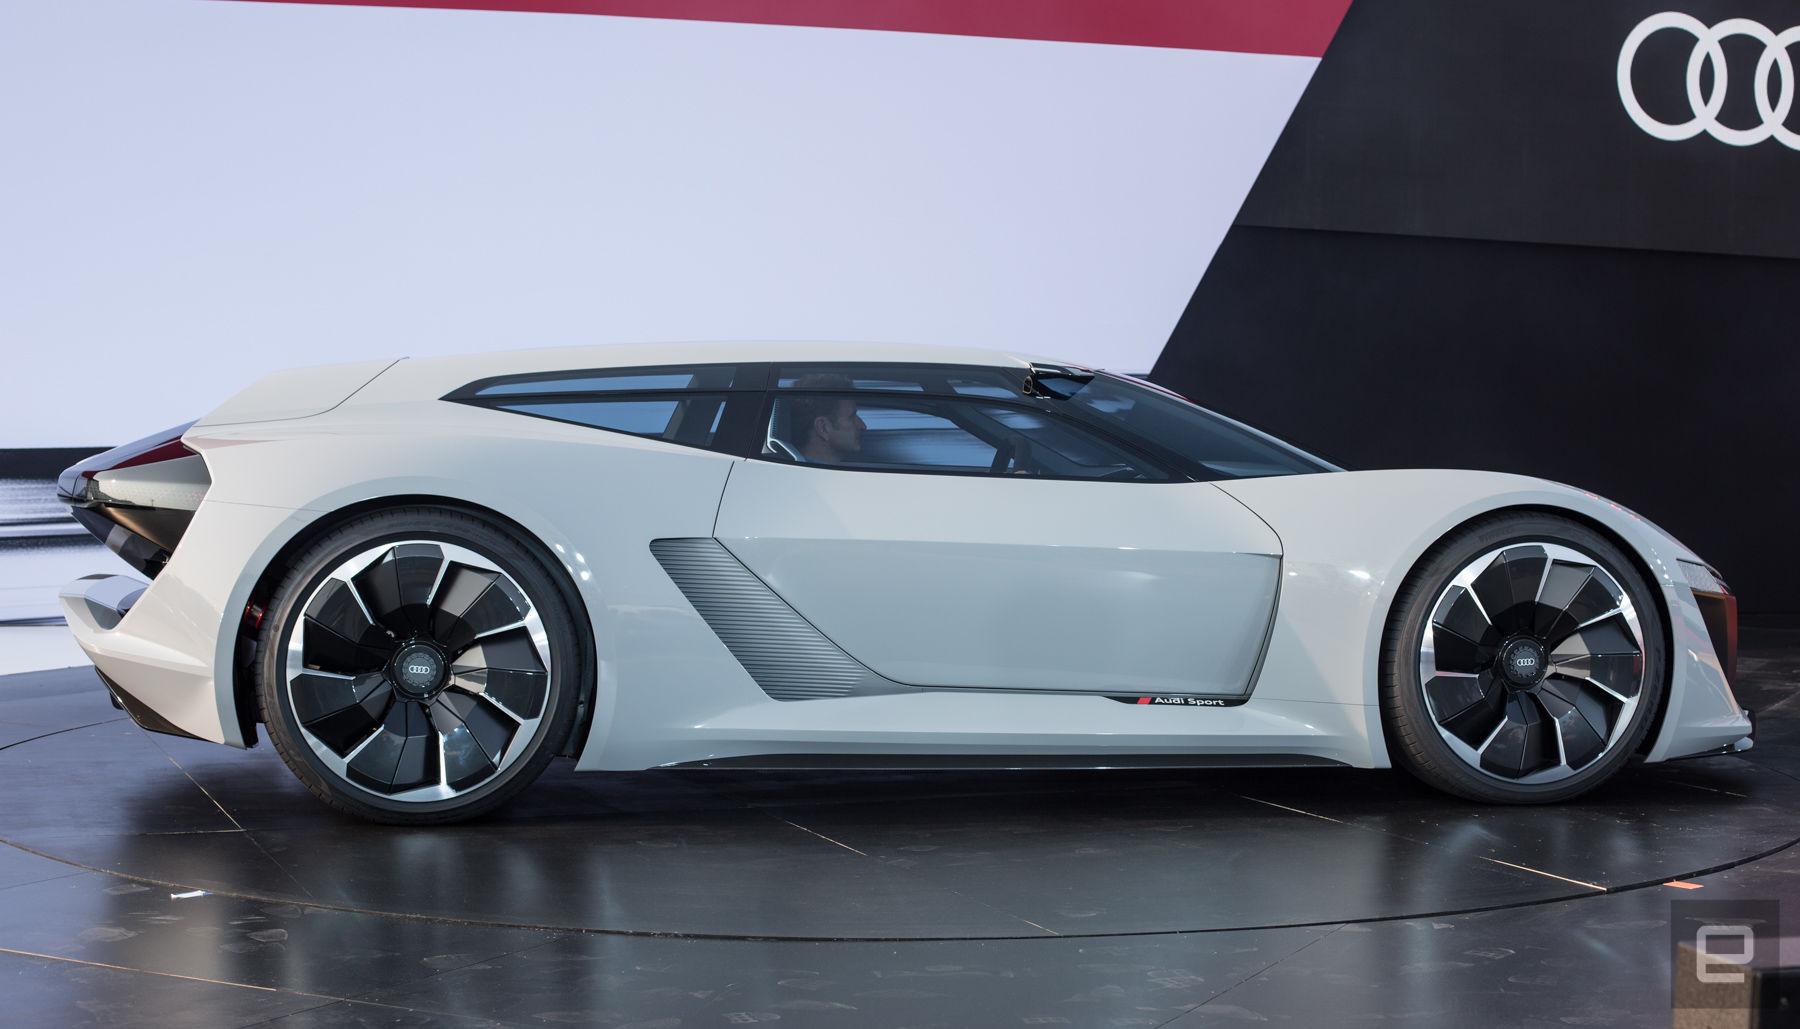 Audi Electric PB18 e-tron - The Big Picture